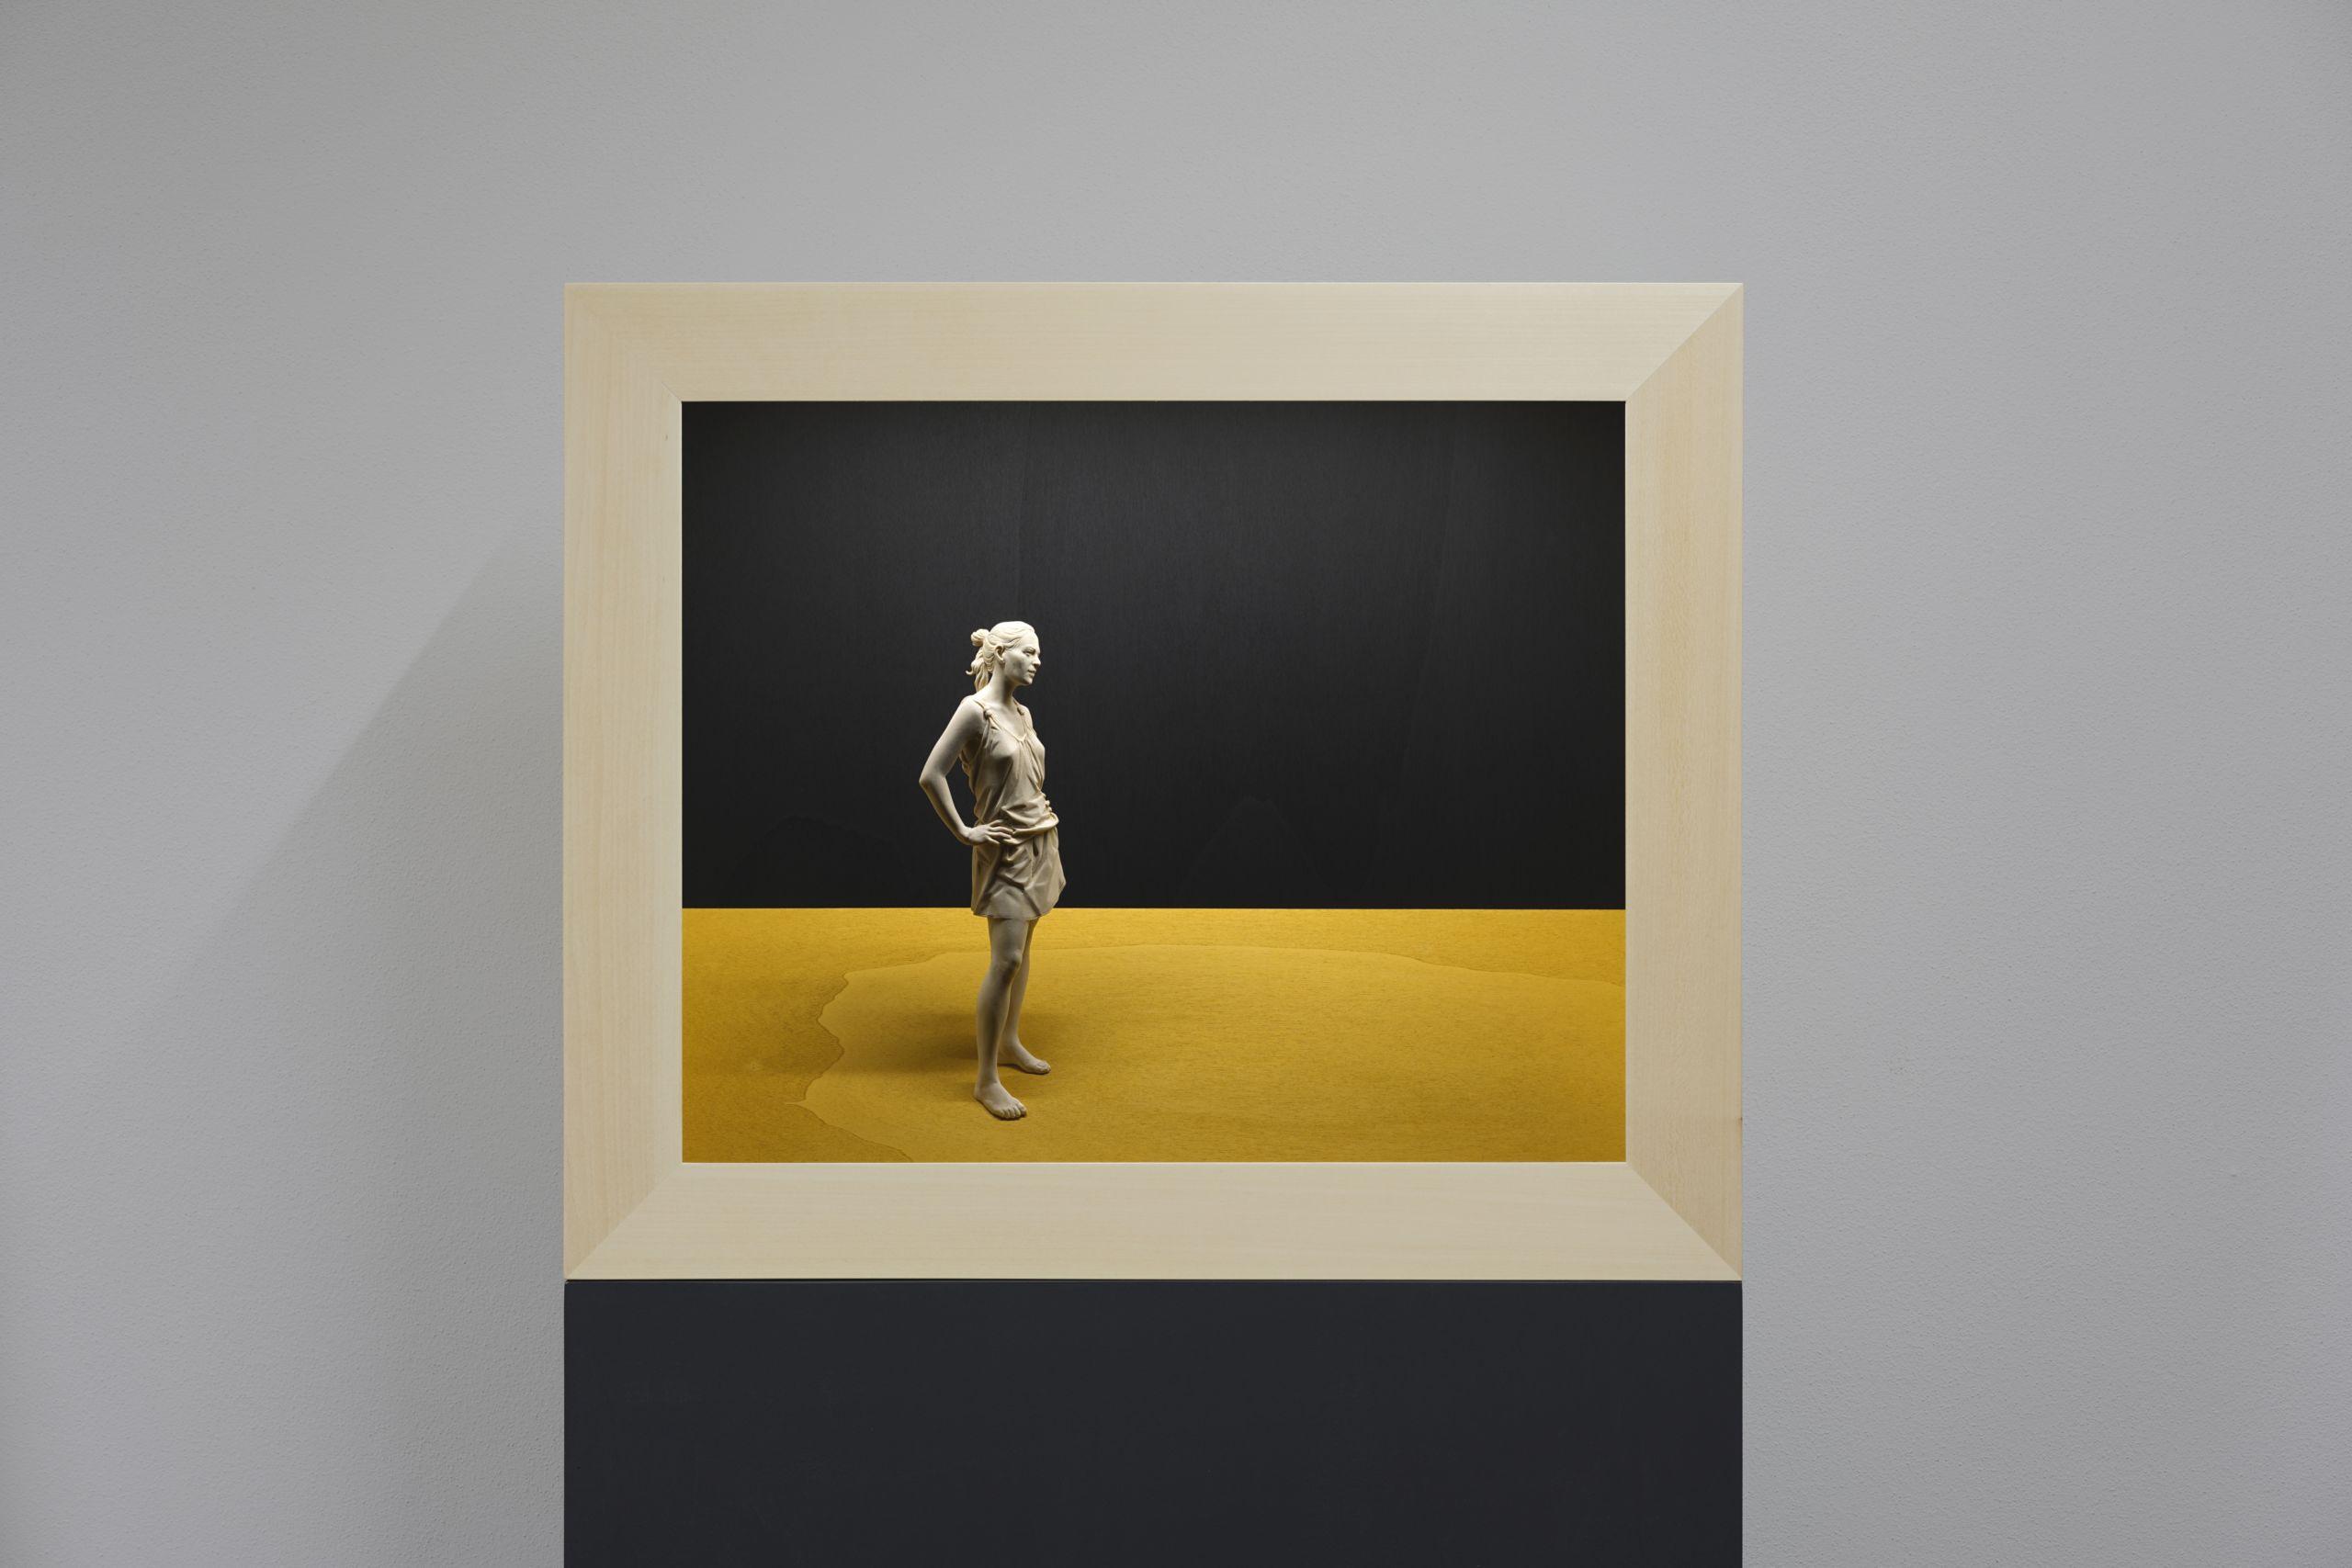 Kunstwerk Peter Demetz in Museum Speelklok